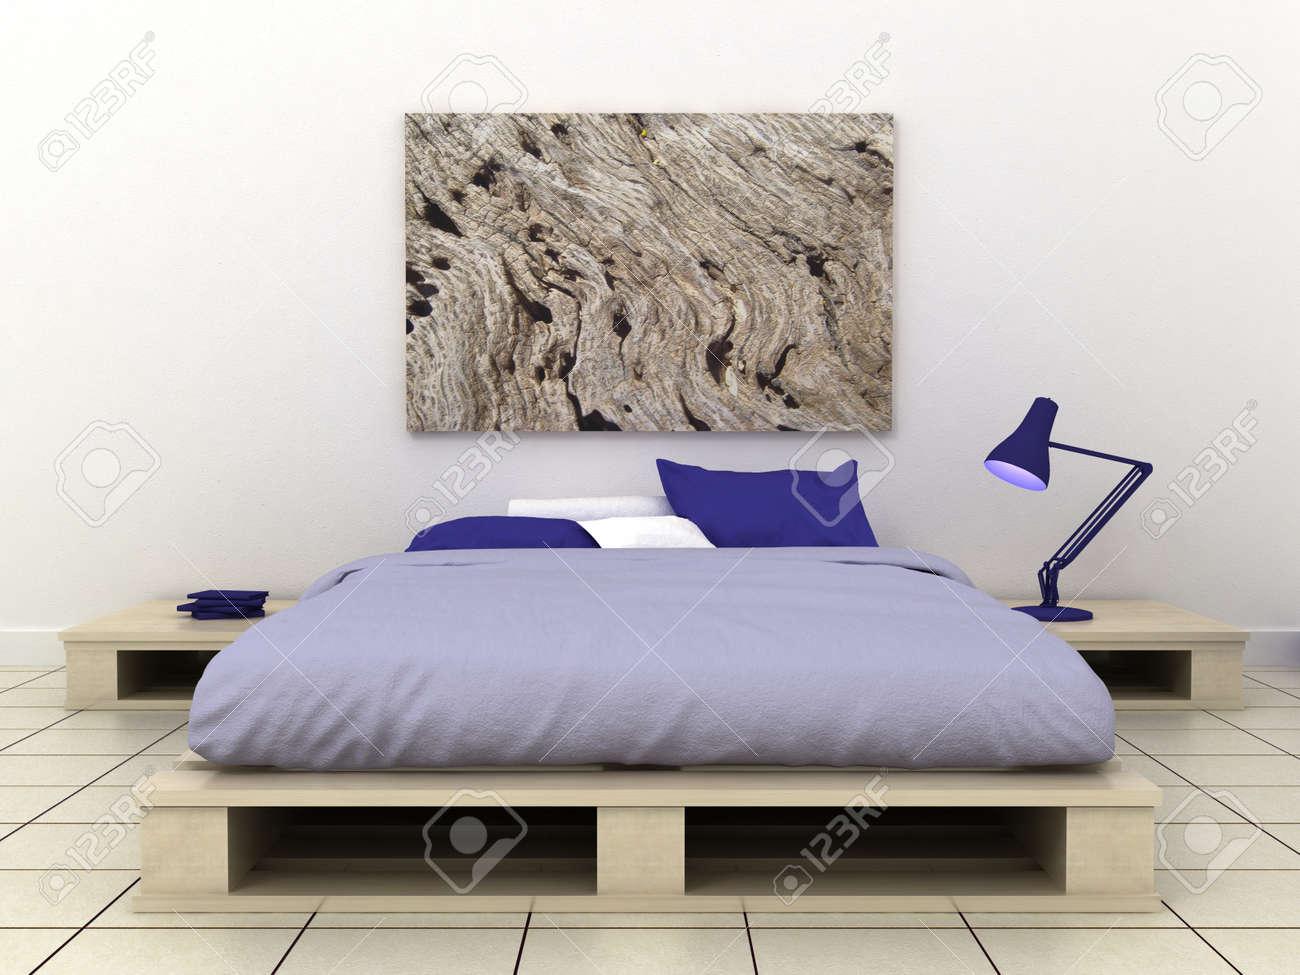 cadres vides dans le fond interieur de chambre a coucher classique sur le mur peint decoratif avec plancher en bois lit table de chevet oreiller